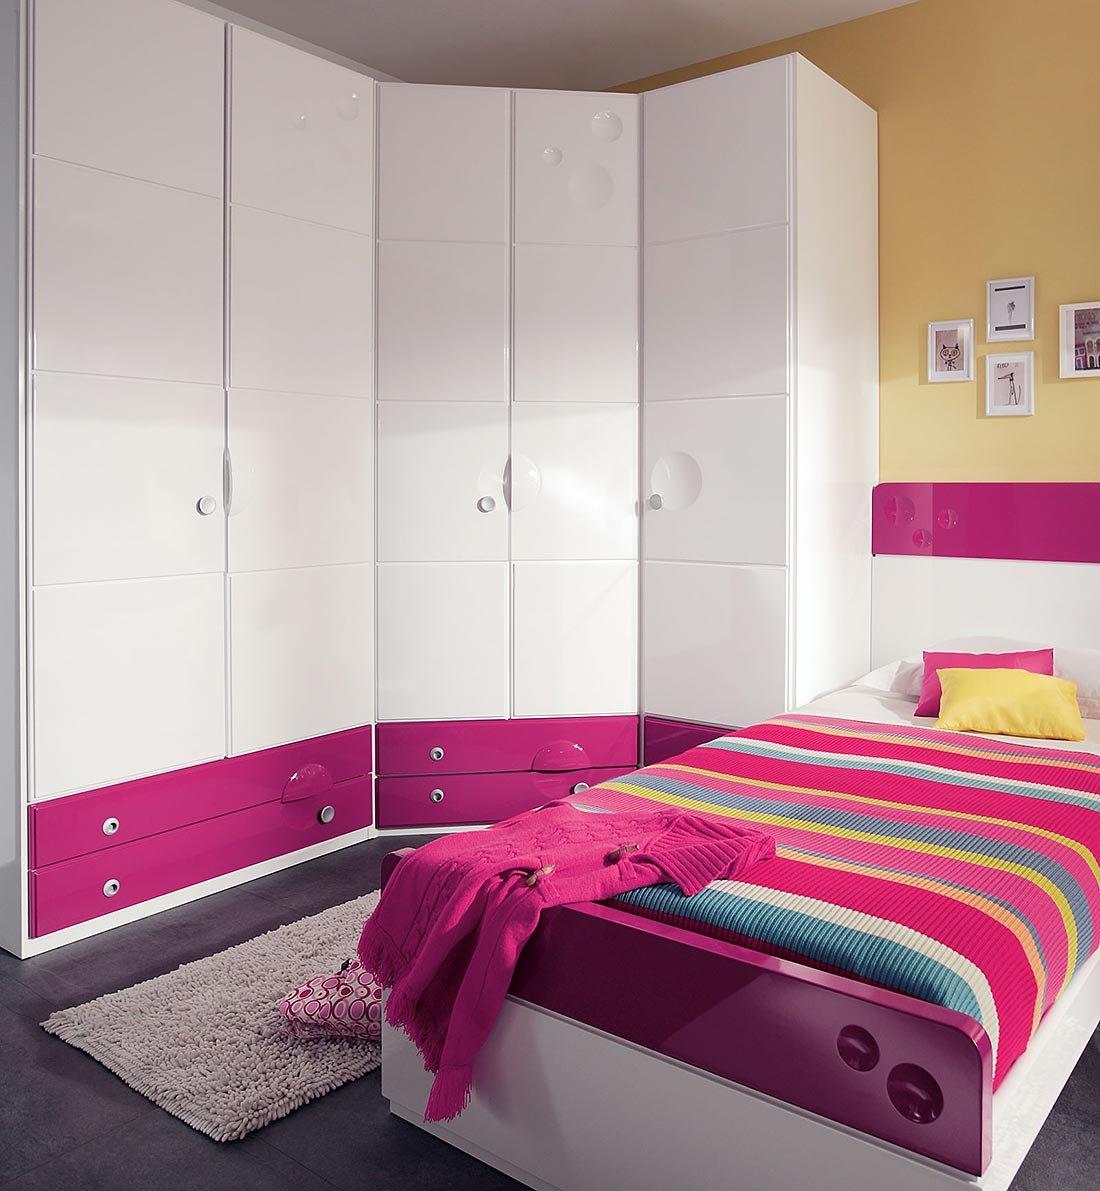 Comprar ofertas platos de ducha muebles sofas spain - Habitaciones modulares juveniles ...